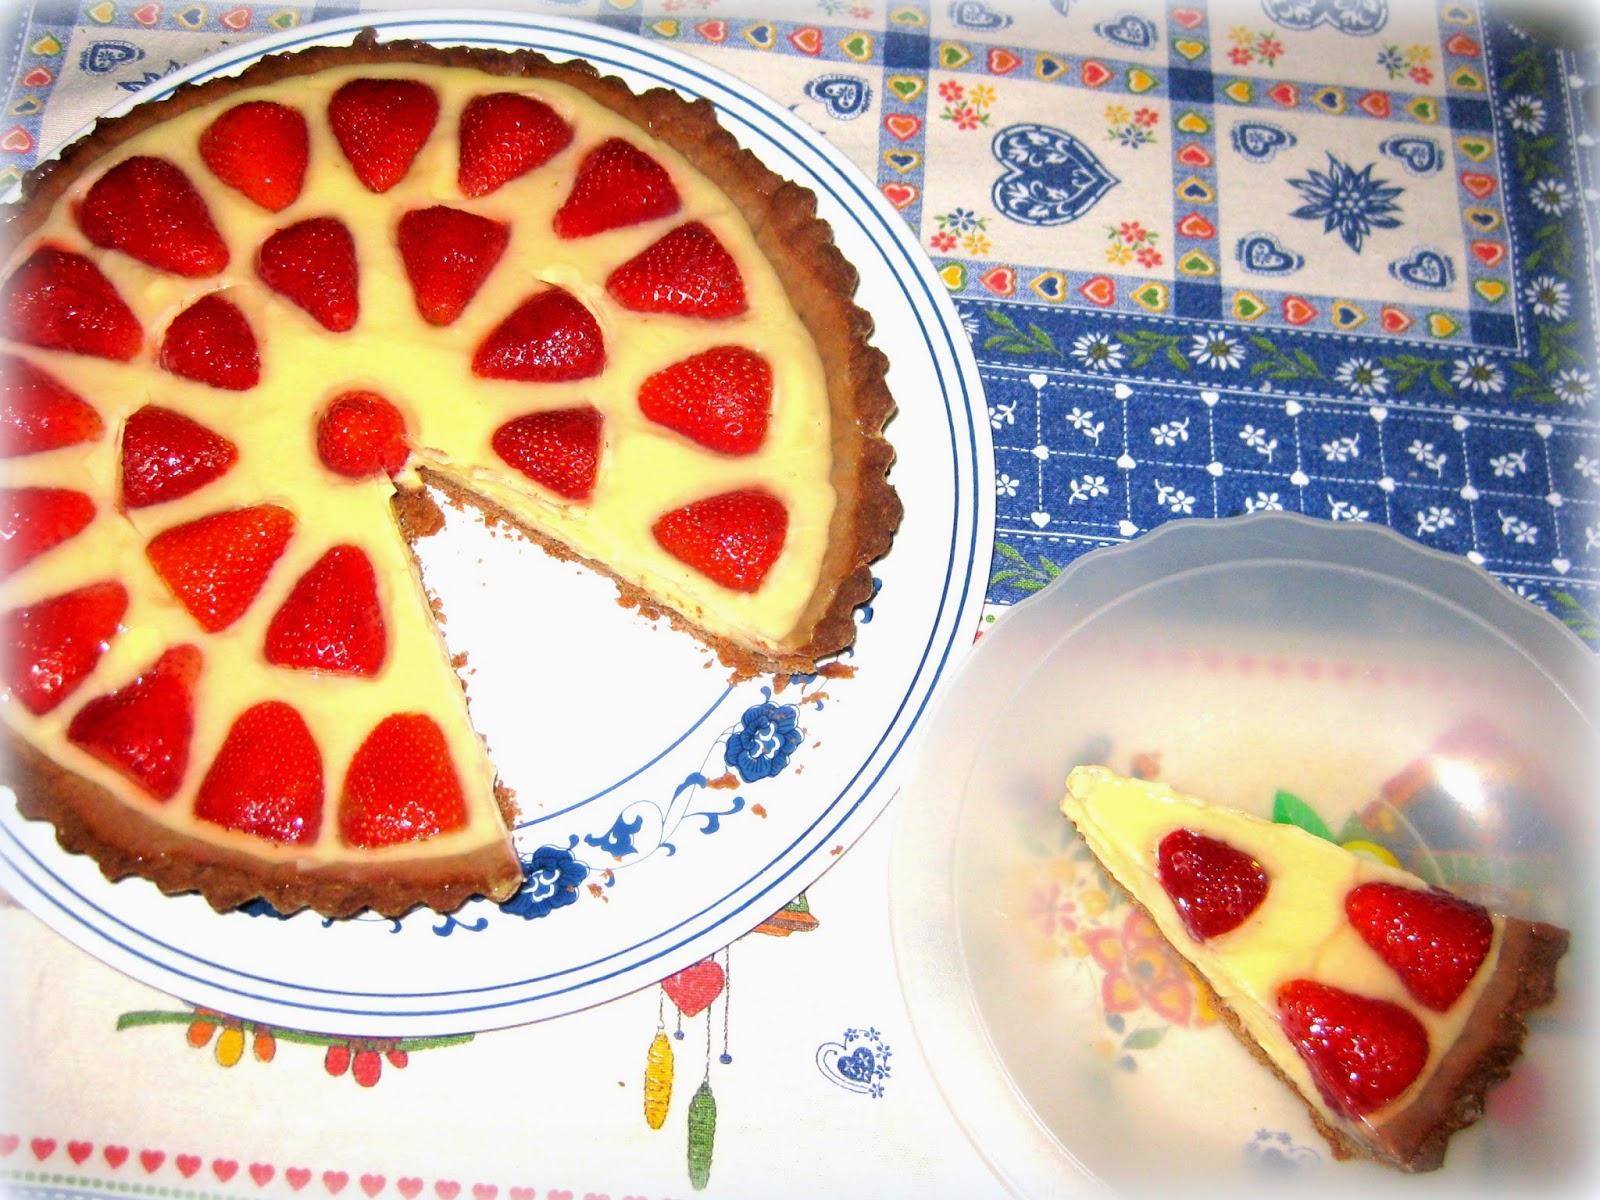 La ricetta della Crostata di Fragole con la Crema è una versione super buona di una crostata classica. Ricca nel sapore e davvero golosa.